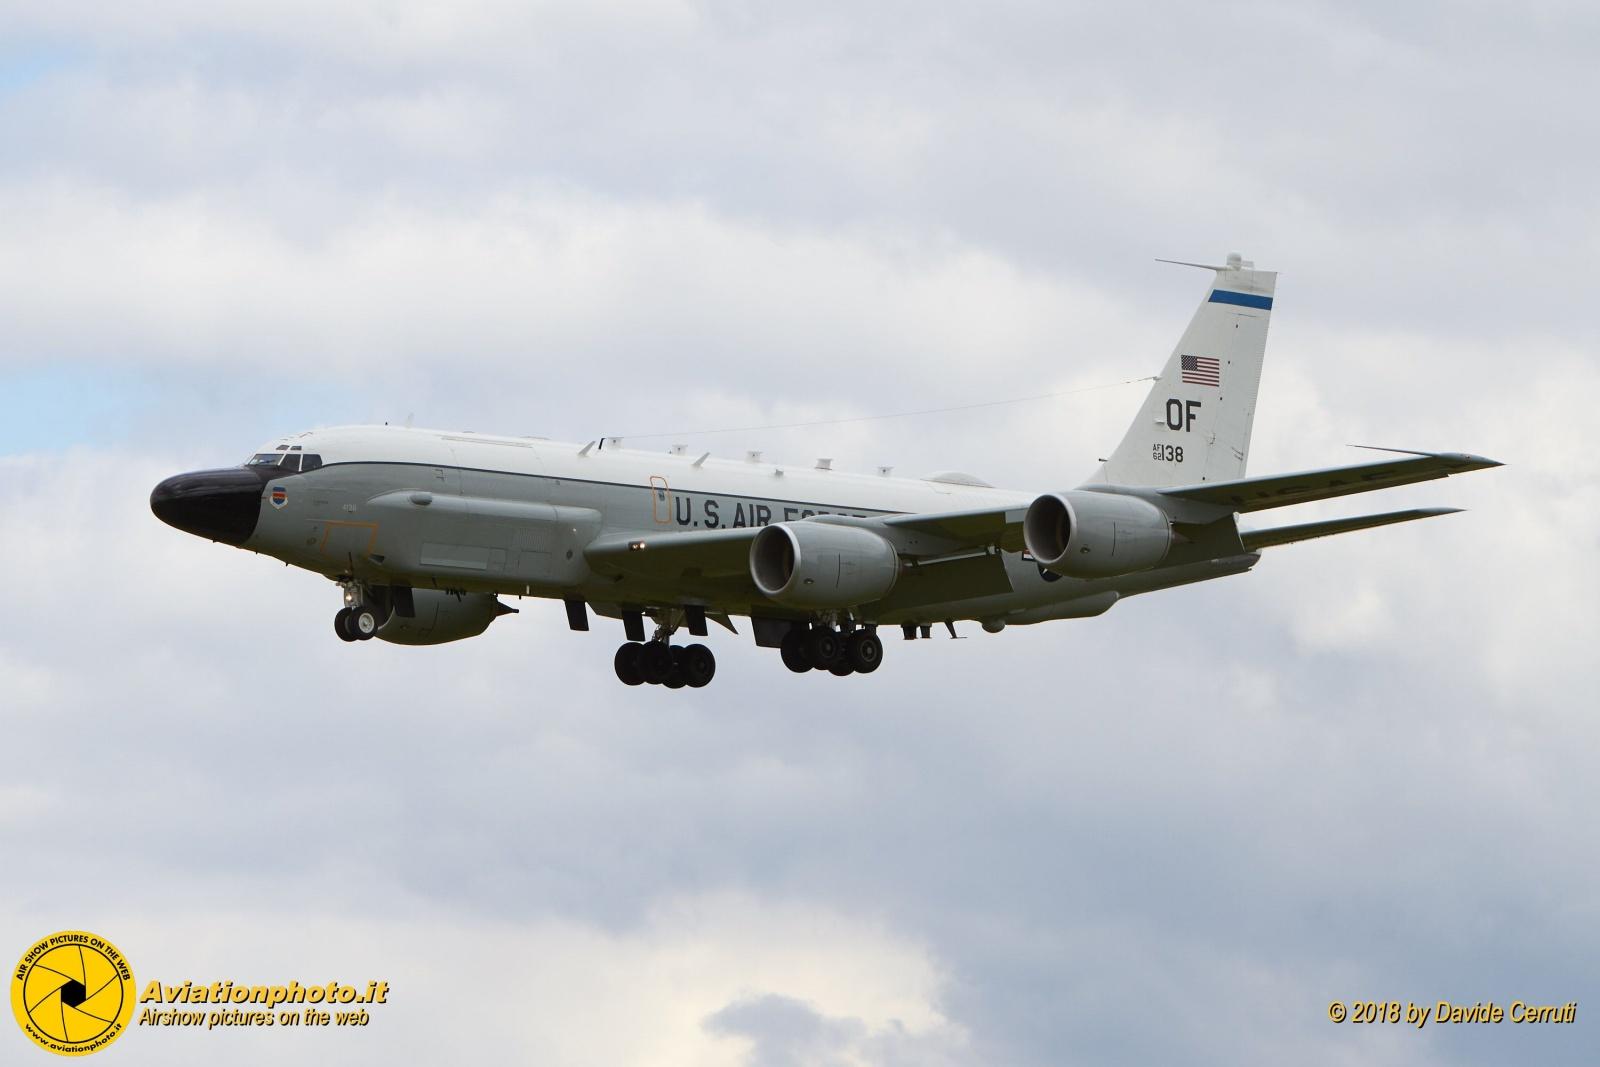 Mldenhall Air Base - Royal Air Force UK